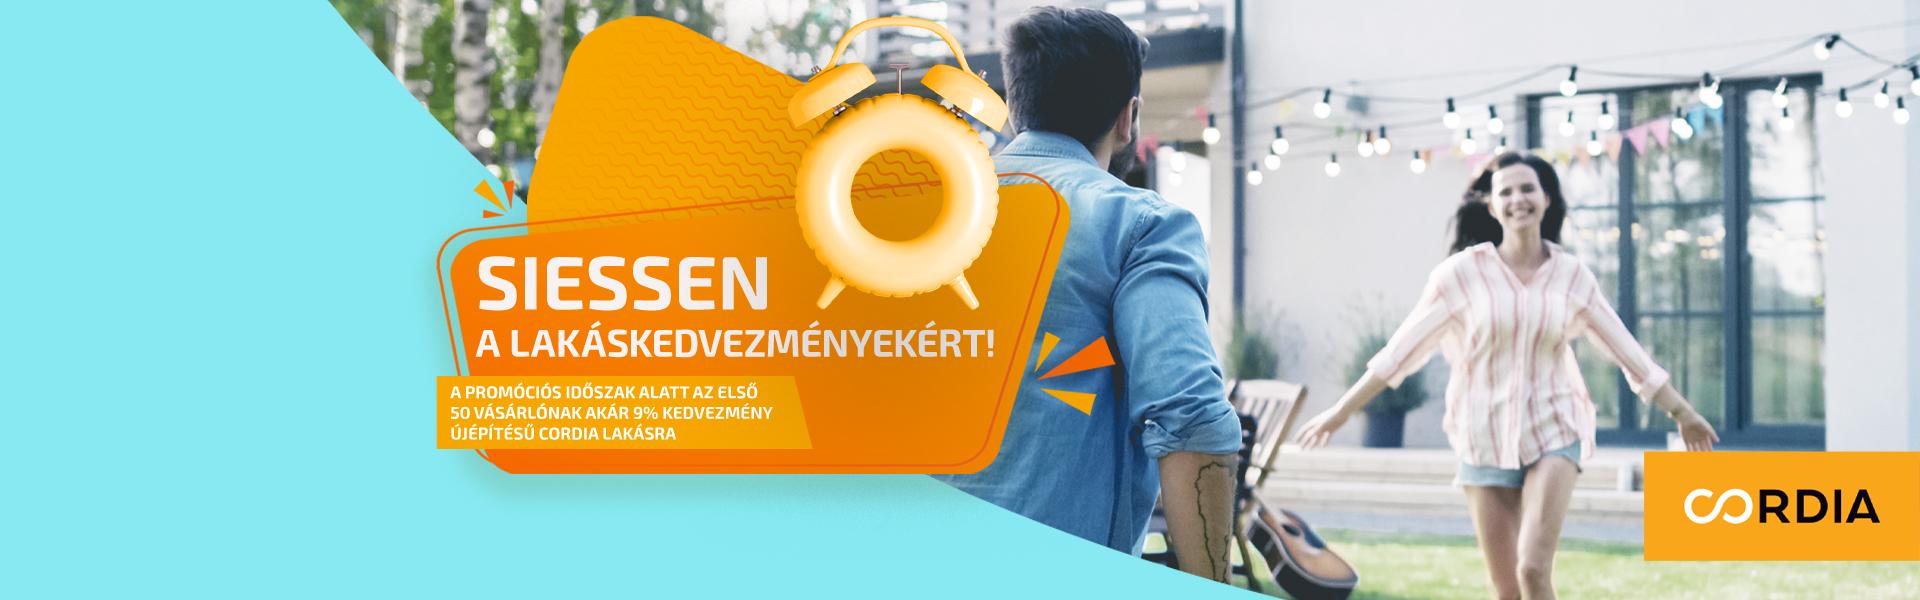 crd-arengedmeny-kampany-kertkapcsolatos-szegmens-1920x600-20200728-jogi-es-kattintson-nelkul